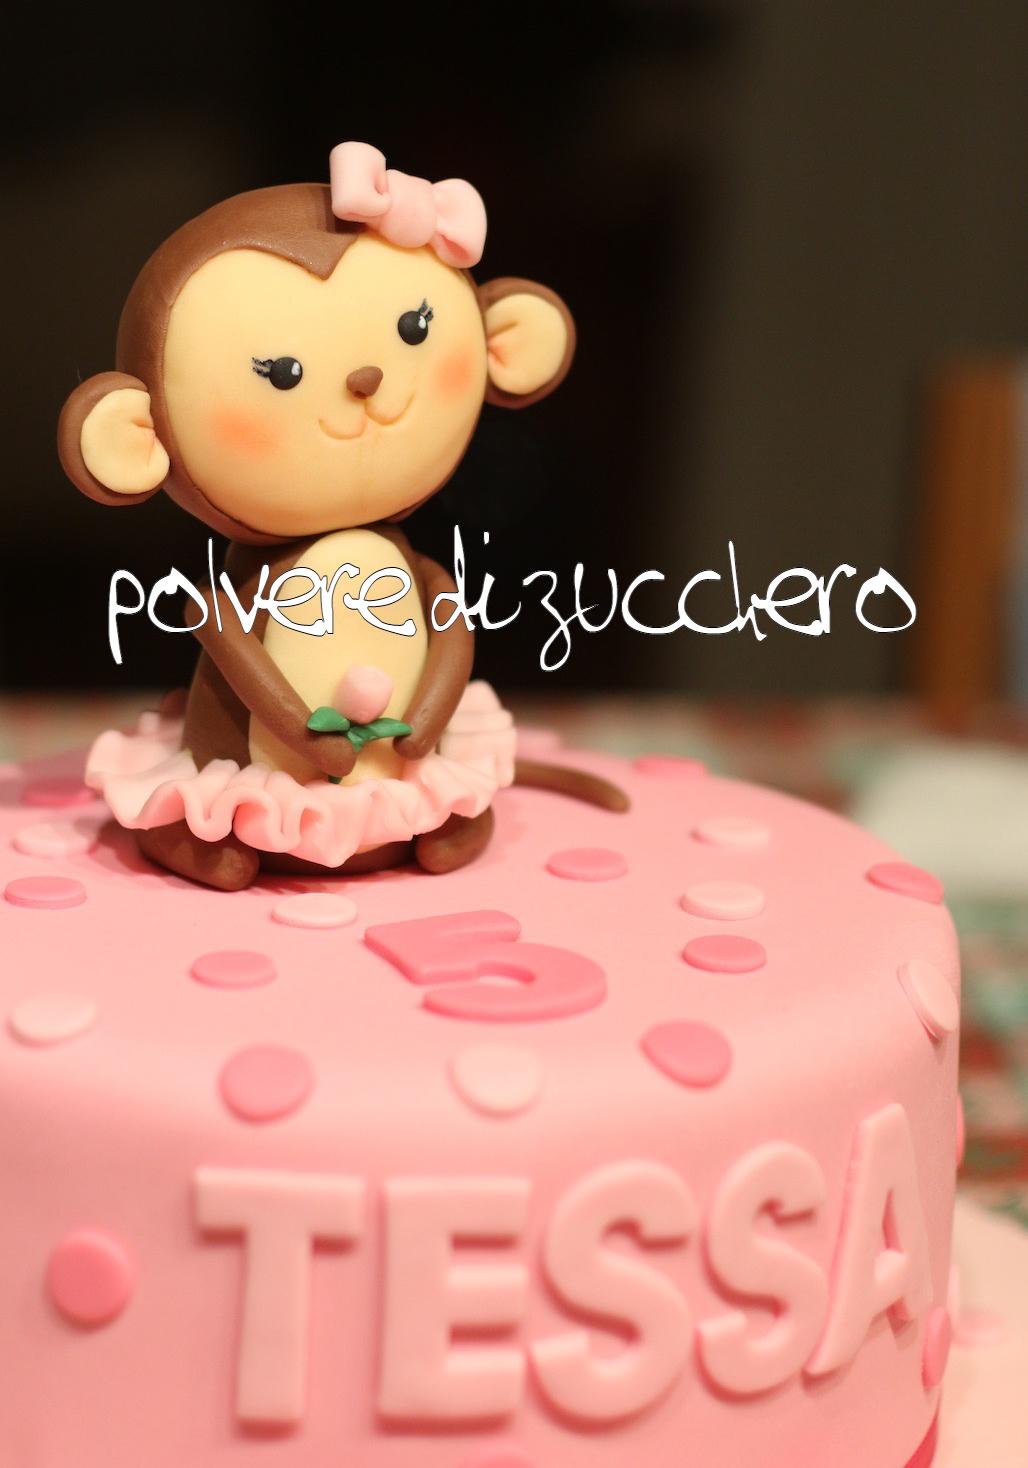 cake design pasta di zucchero torta compleanno scimmietta polvere di zucchero monkey bimba